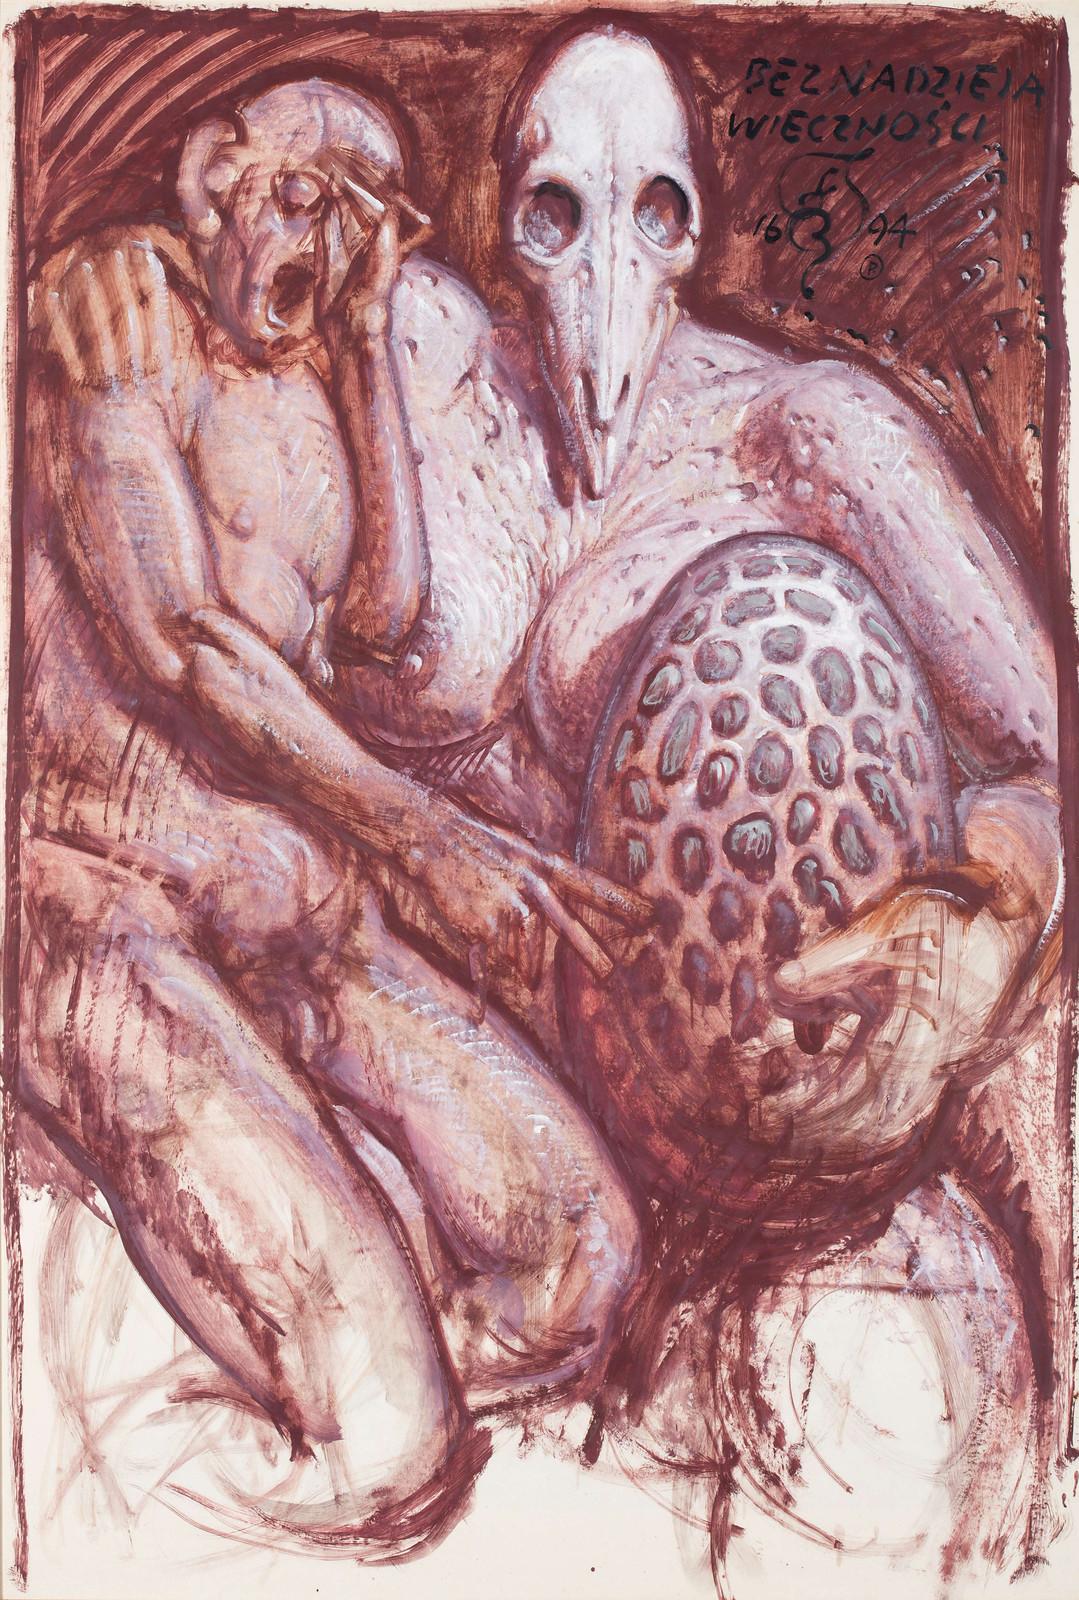 Franciszek Starowieyski - Hope of Eternity, 1994